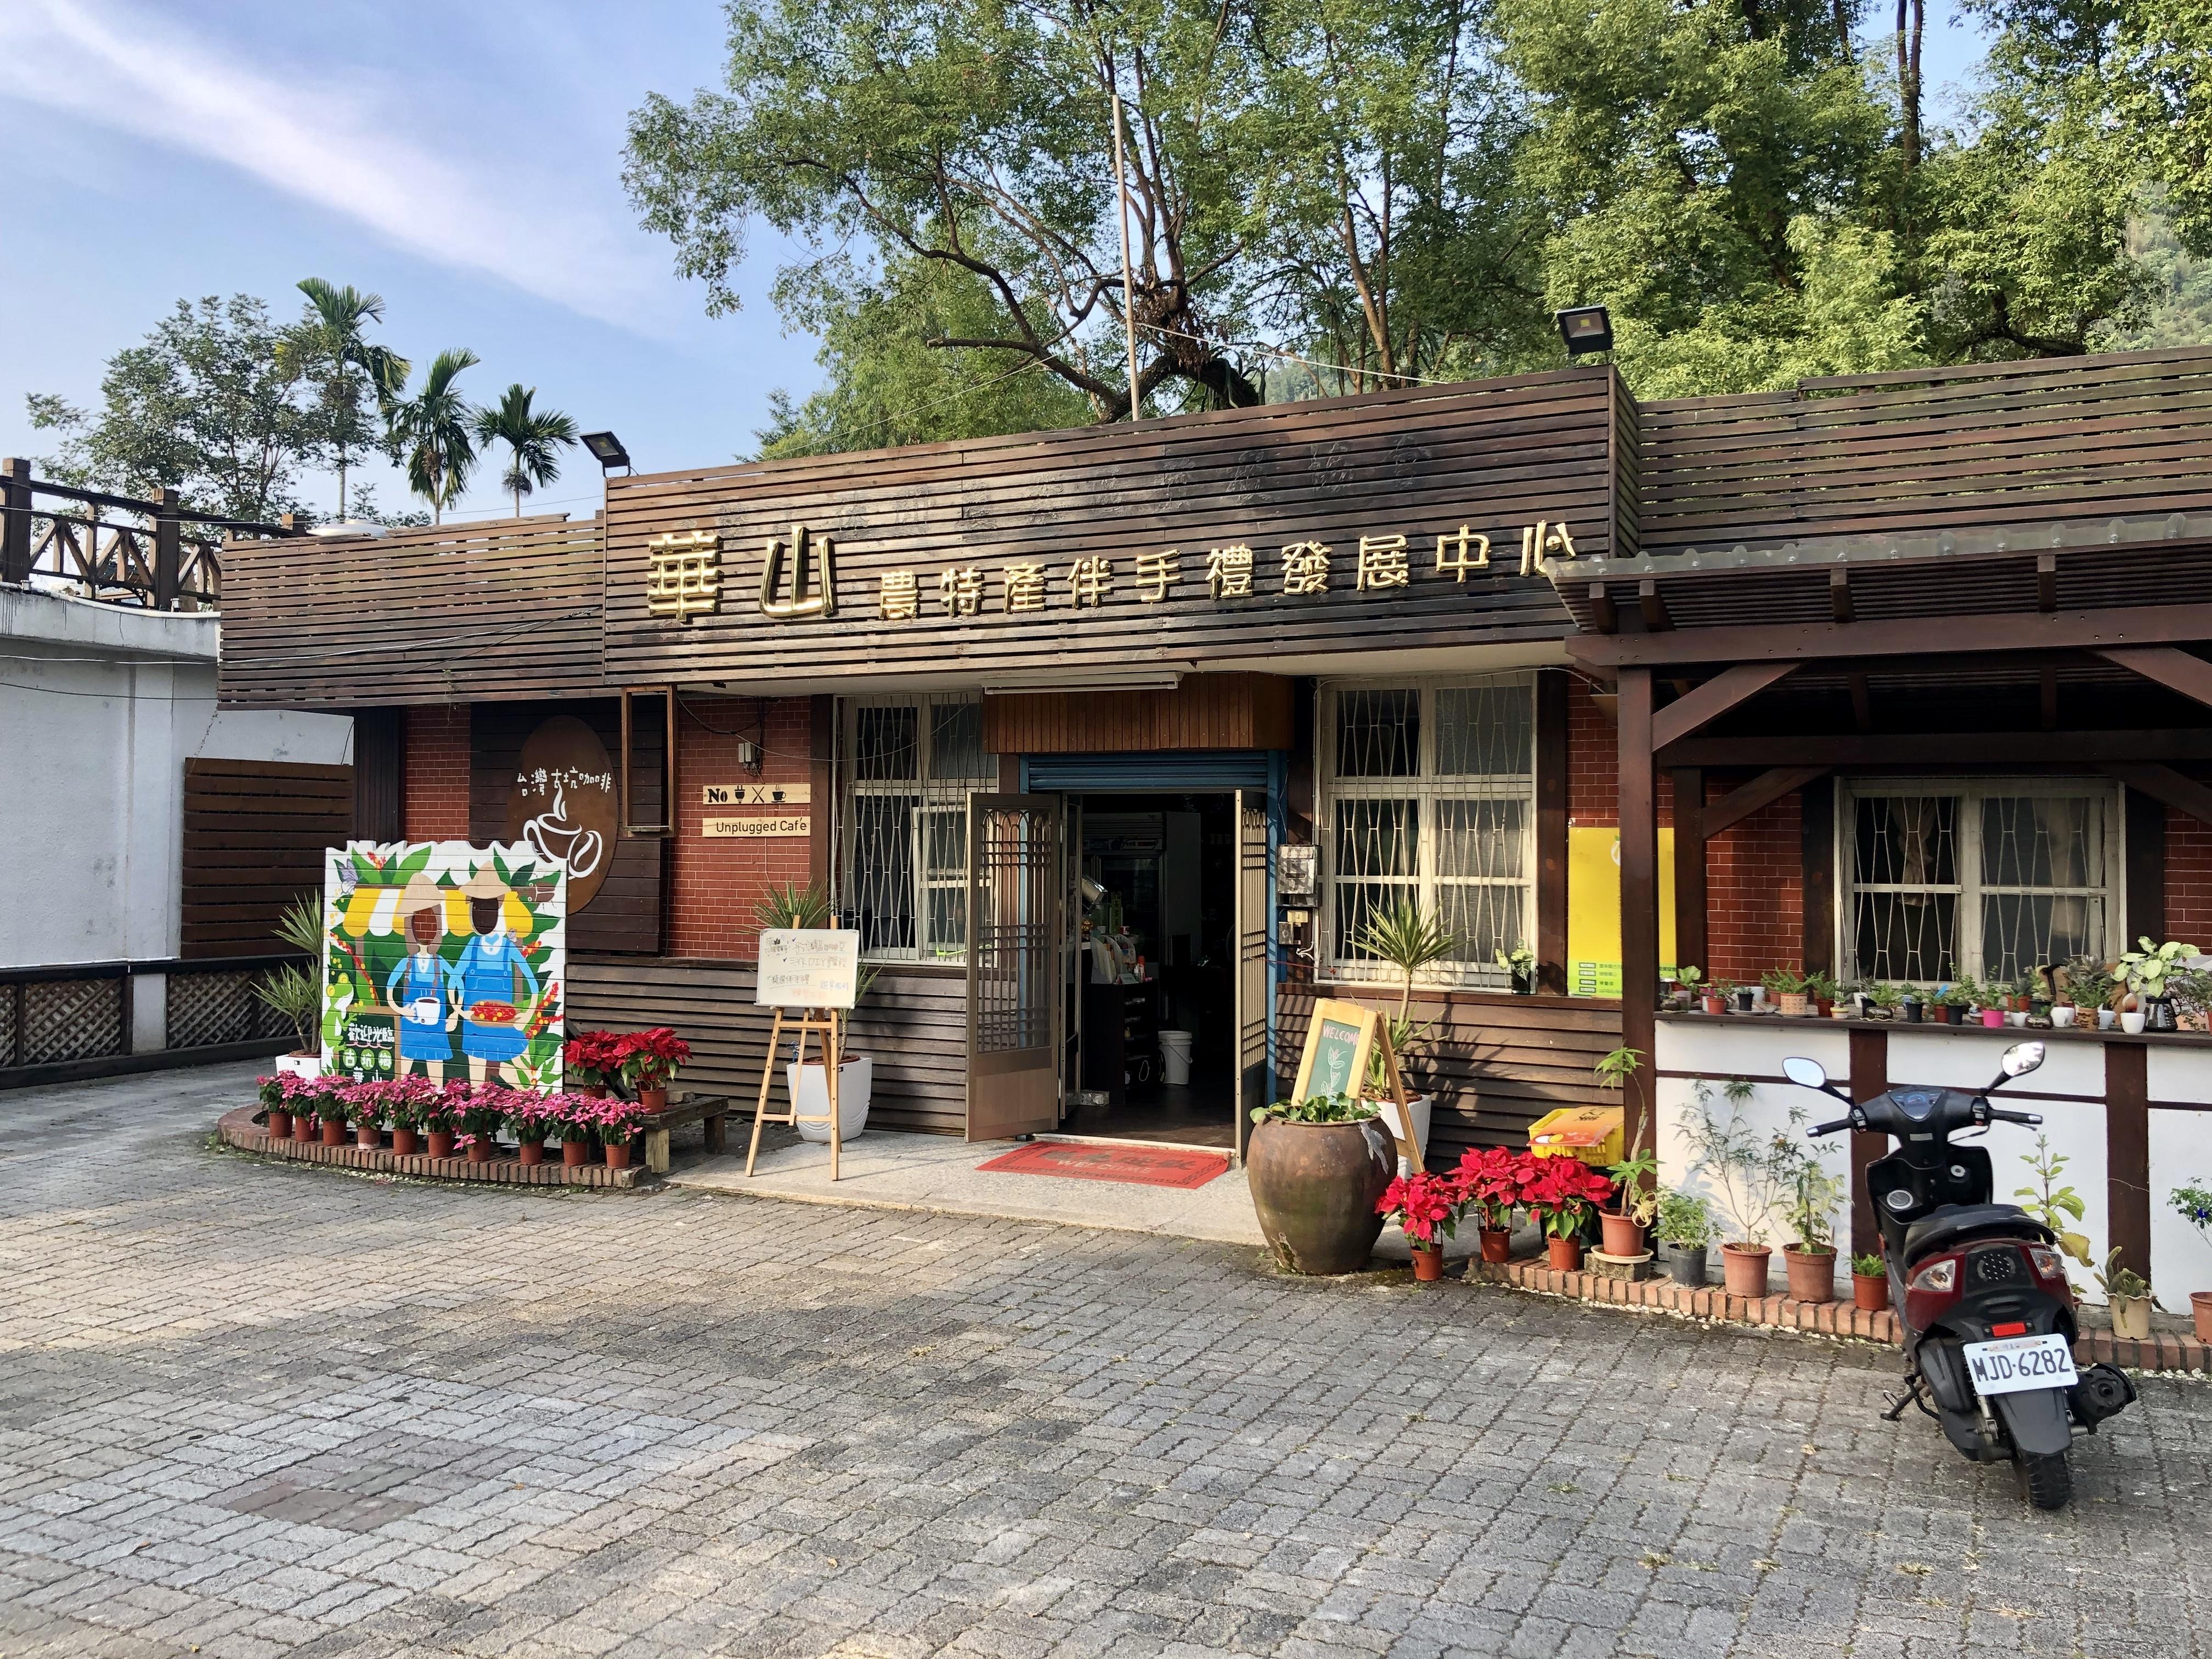 集合地:華山休閒農業區-伴手禮中心